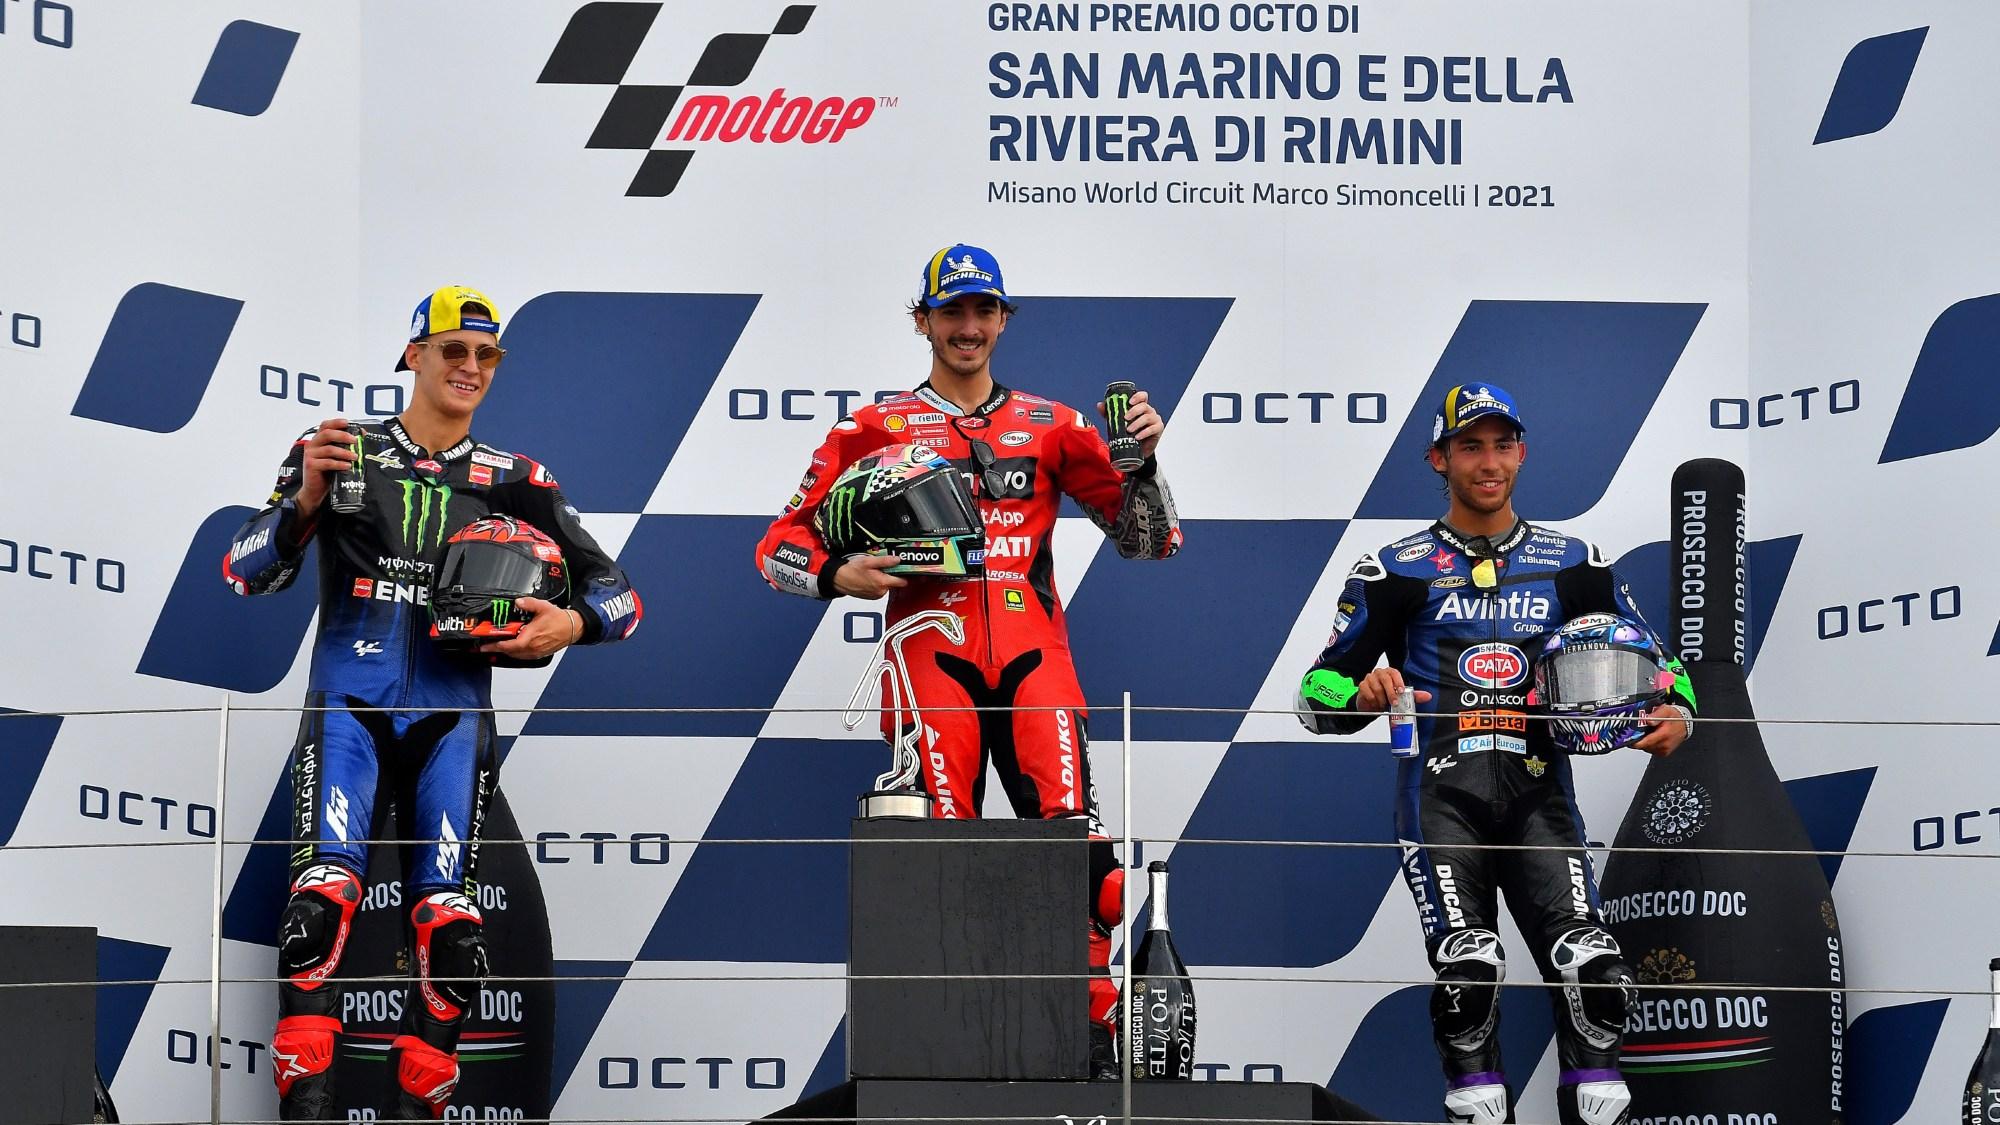 Misano 2021 podium